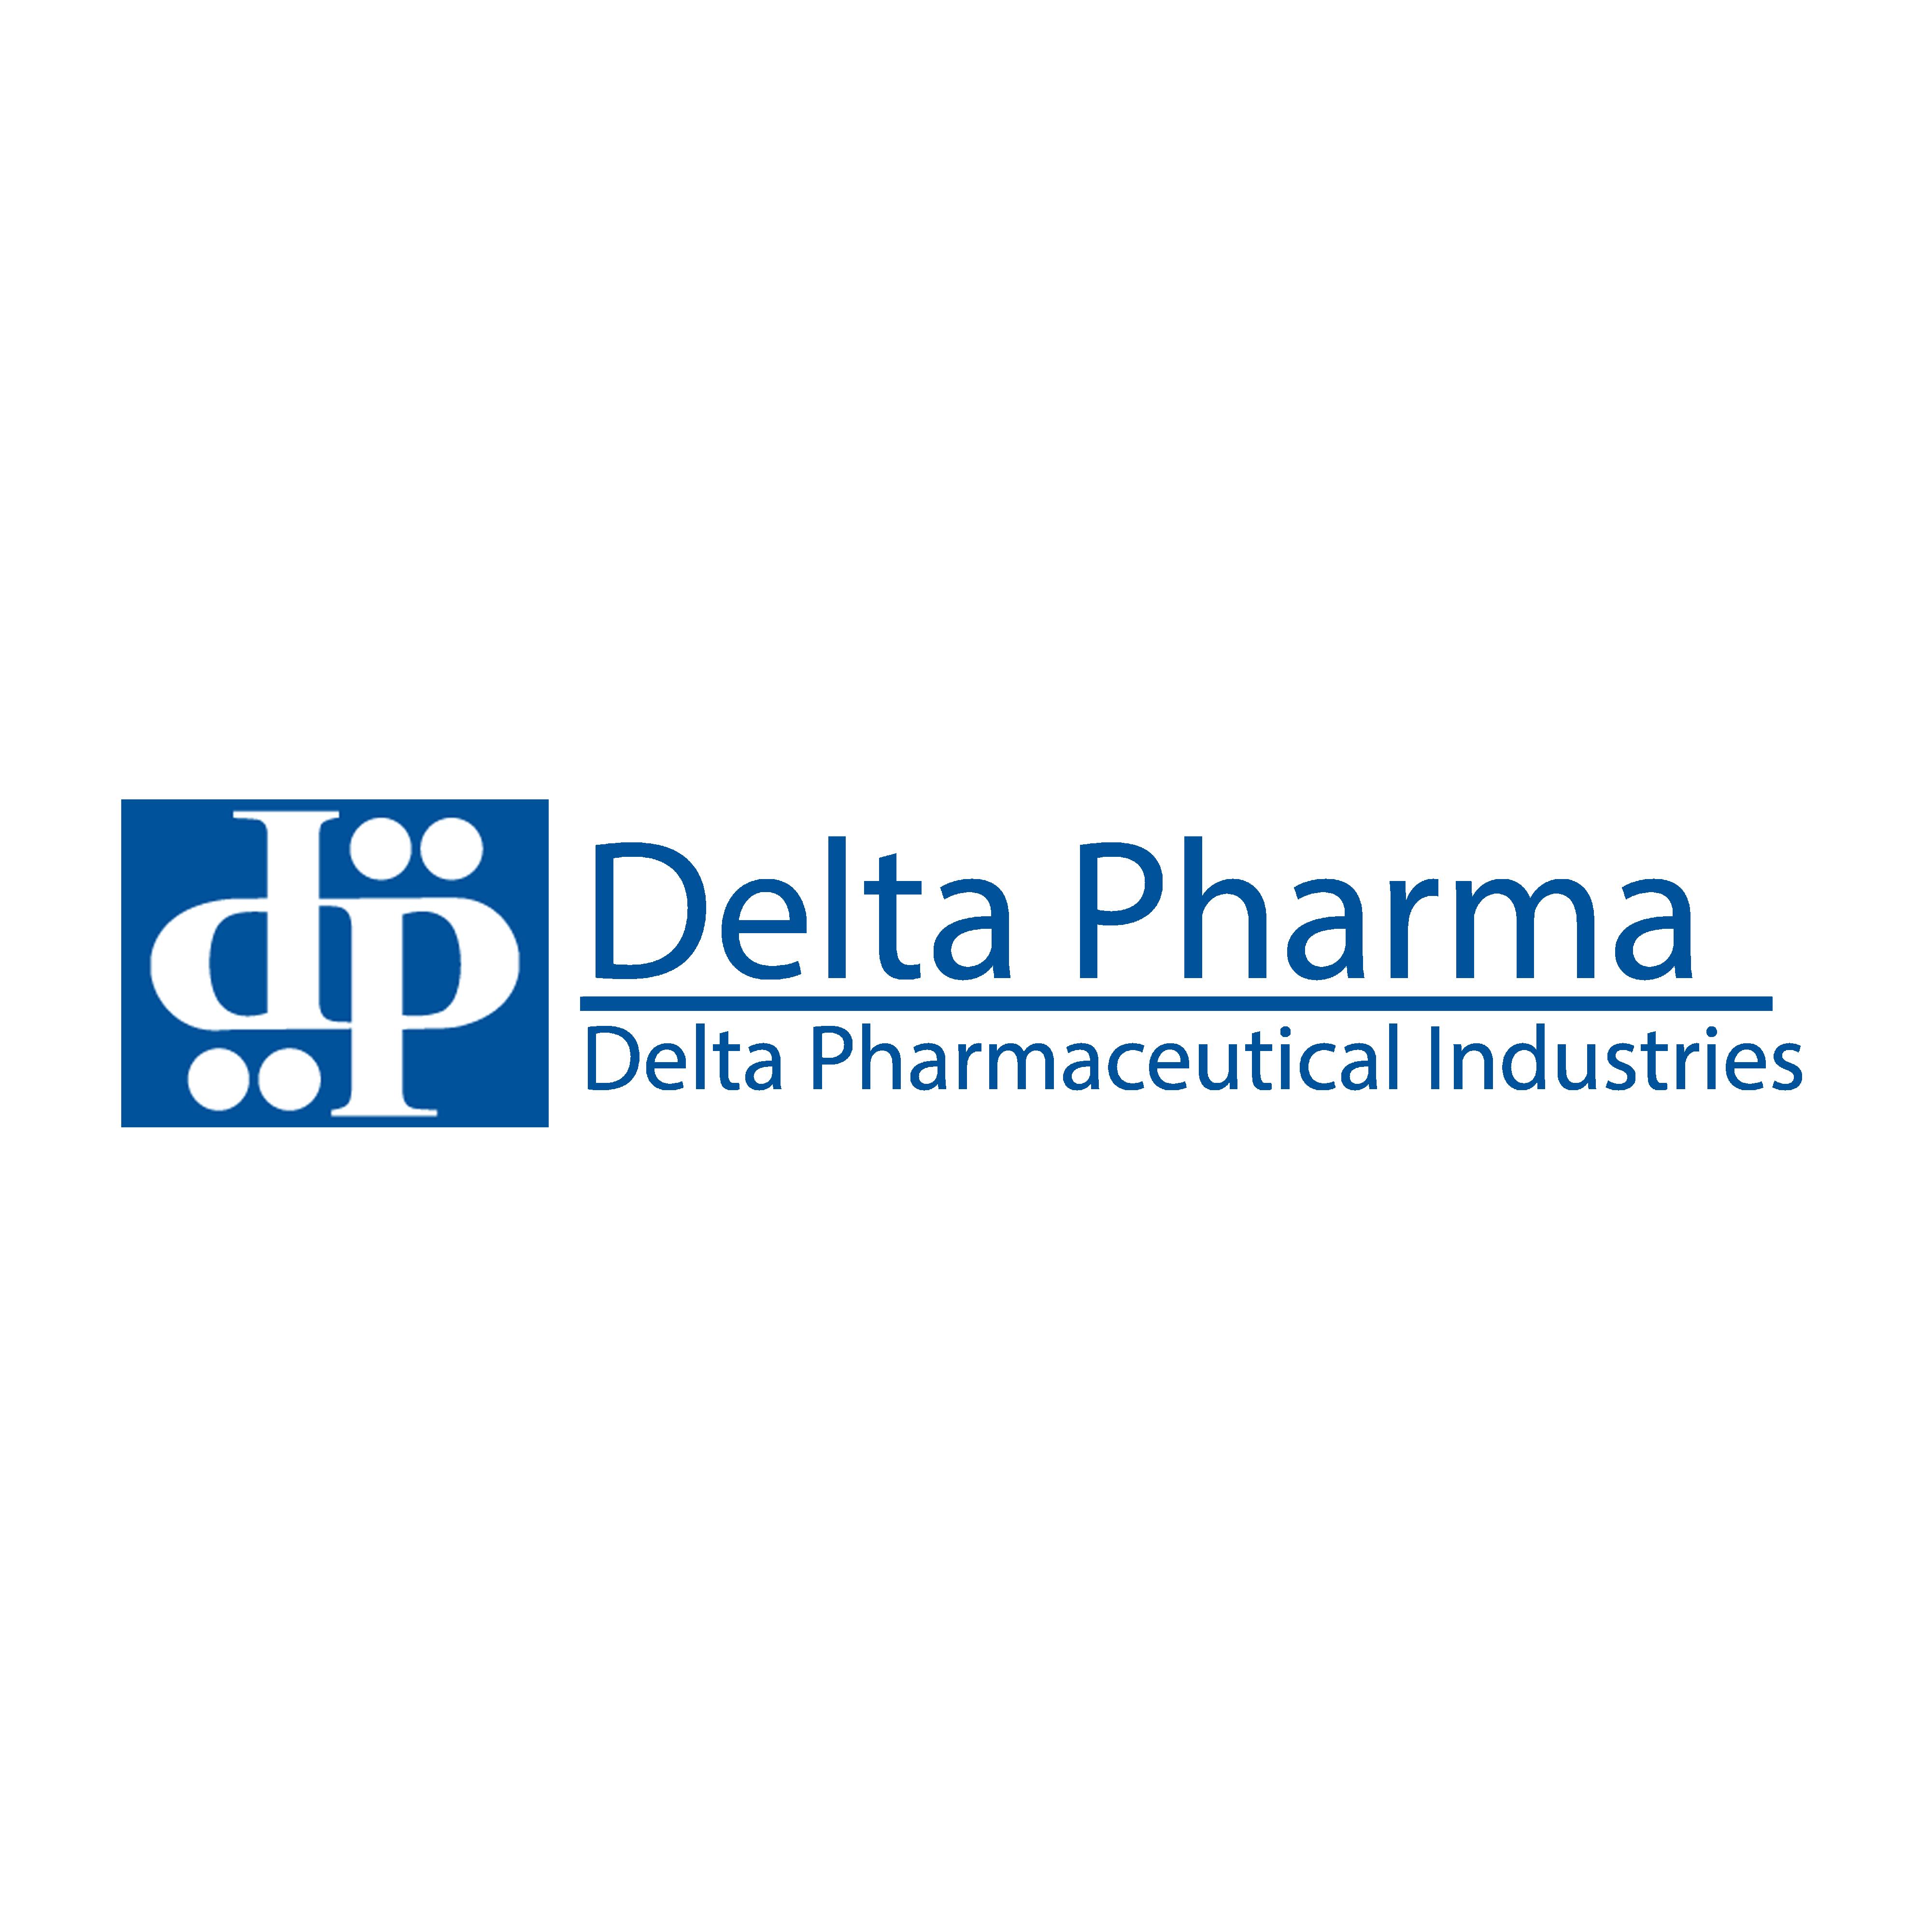 Delta Pharma